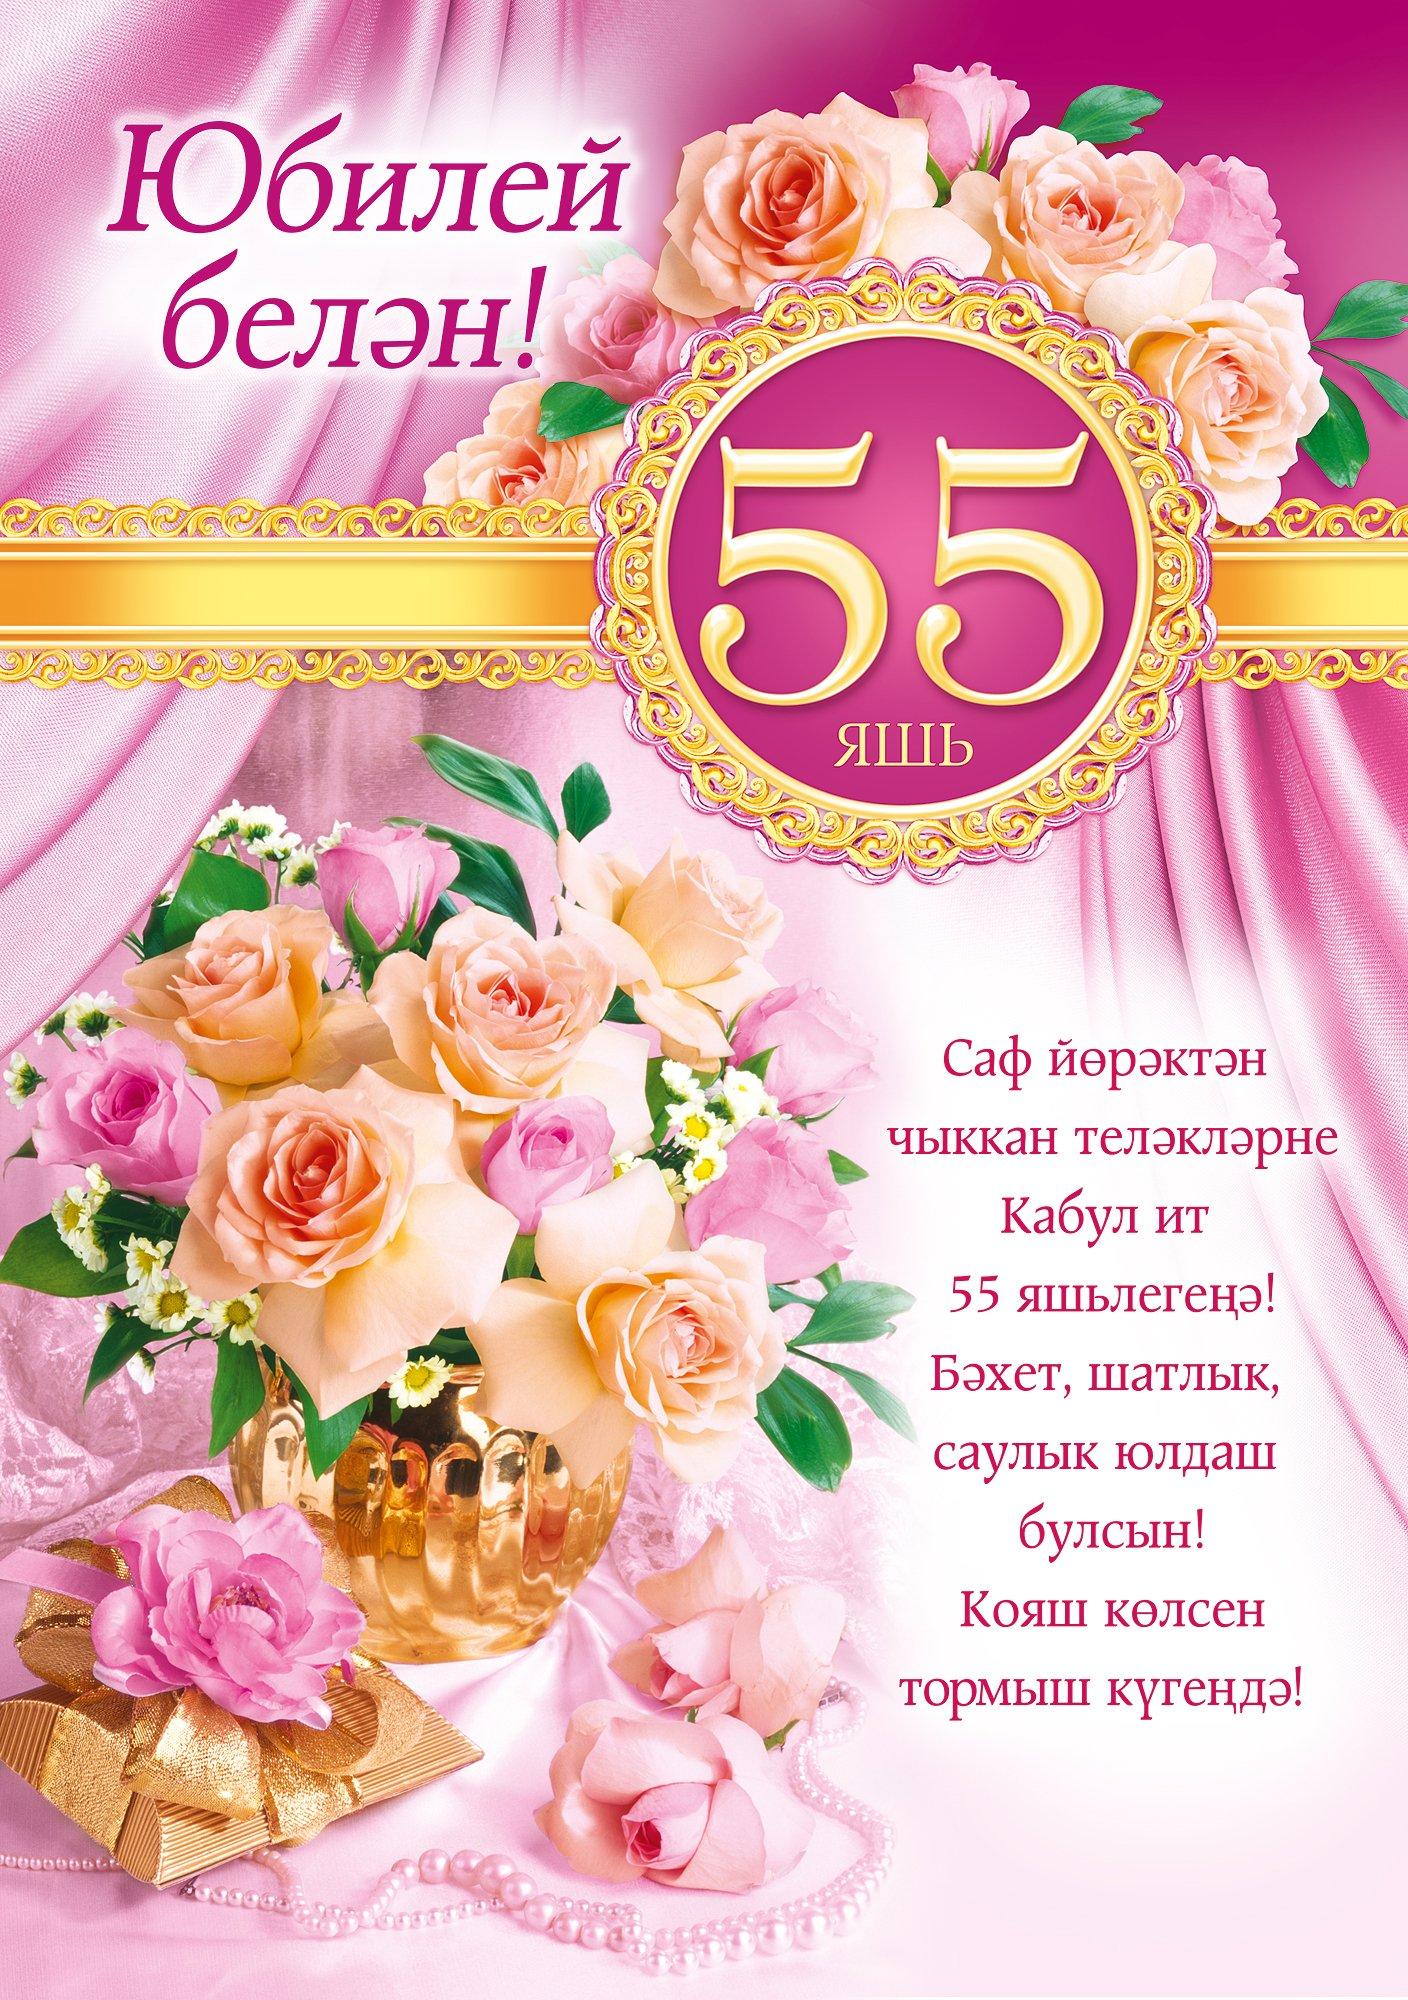 Картинки с пожеланиями на татарском